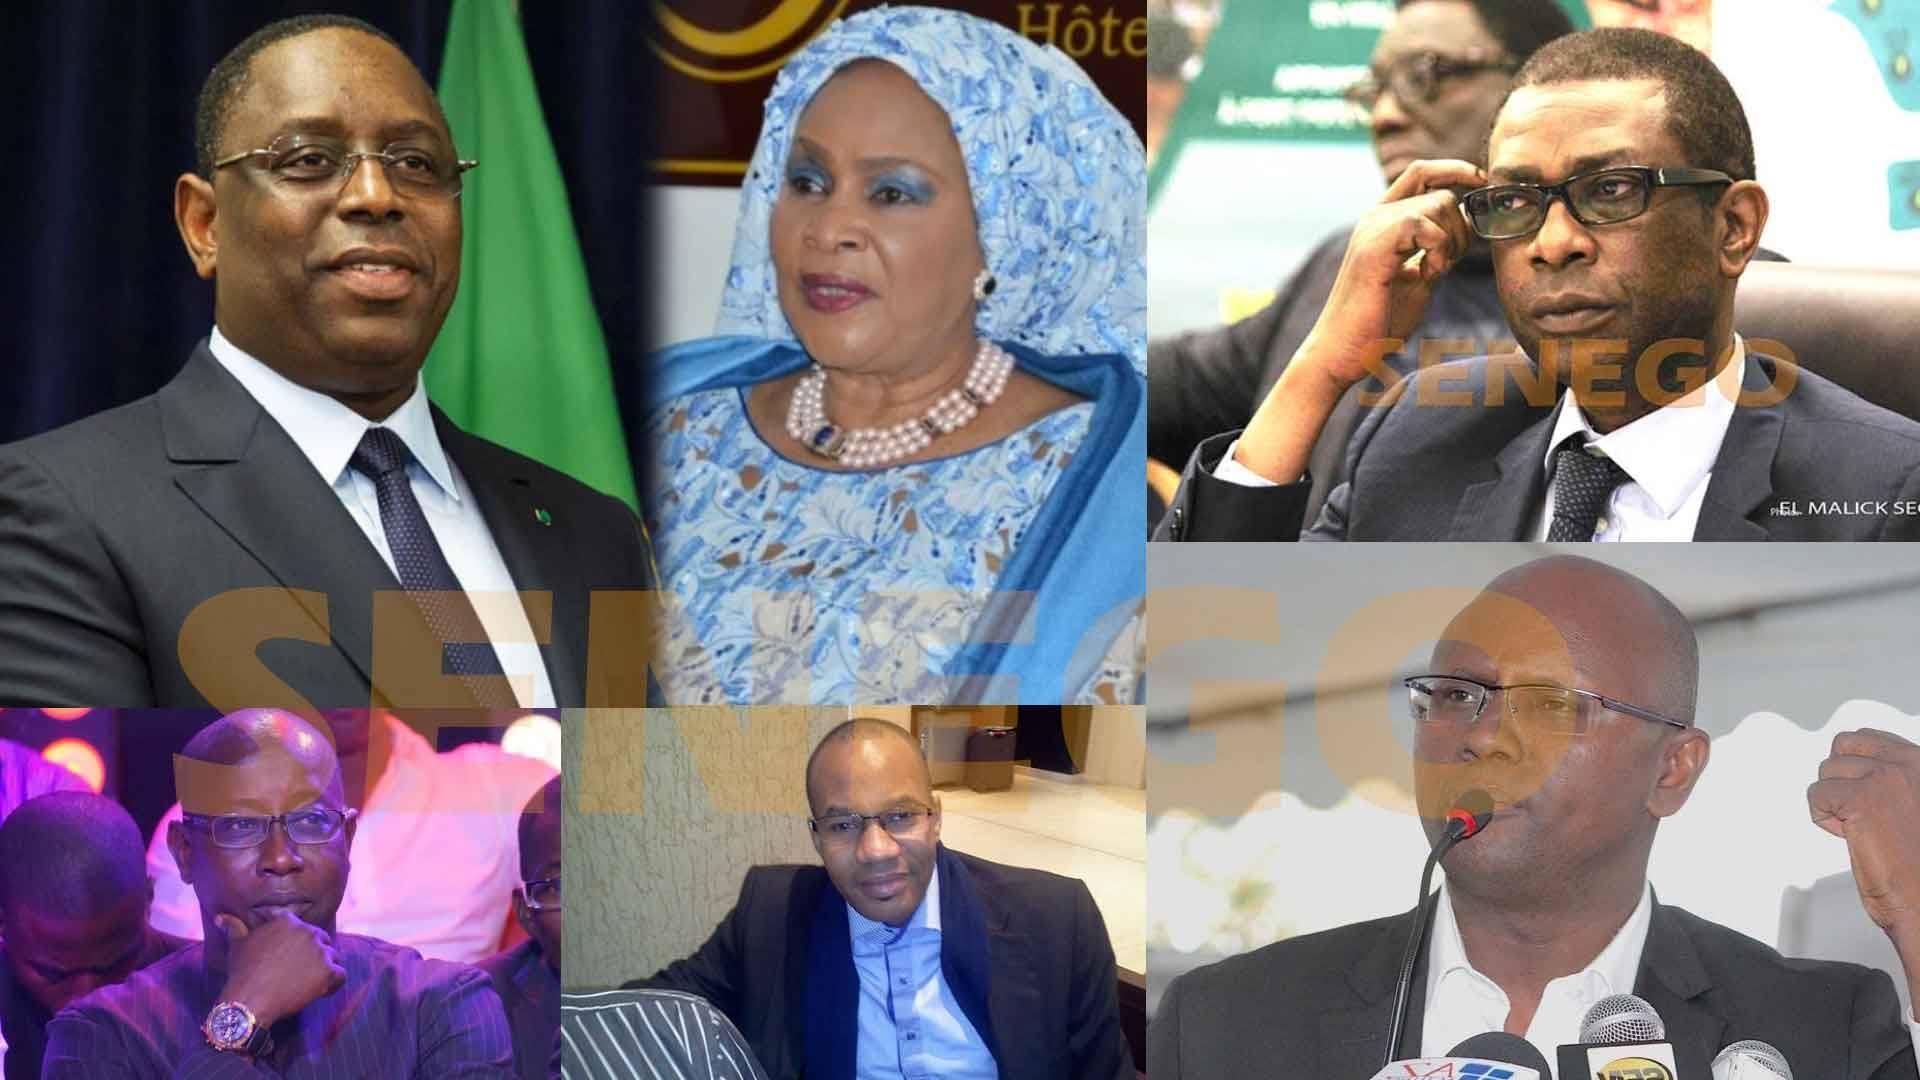 Alasane Samba Diop, Didier Boubs, Groupe Futurs Médias, Macky Sall, Moussa Sy, Youssou Ndour